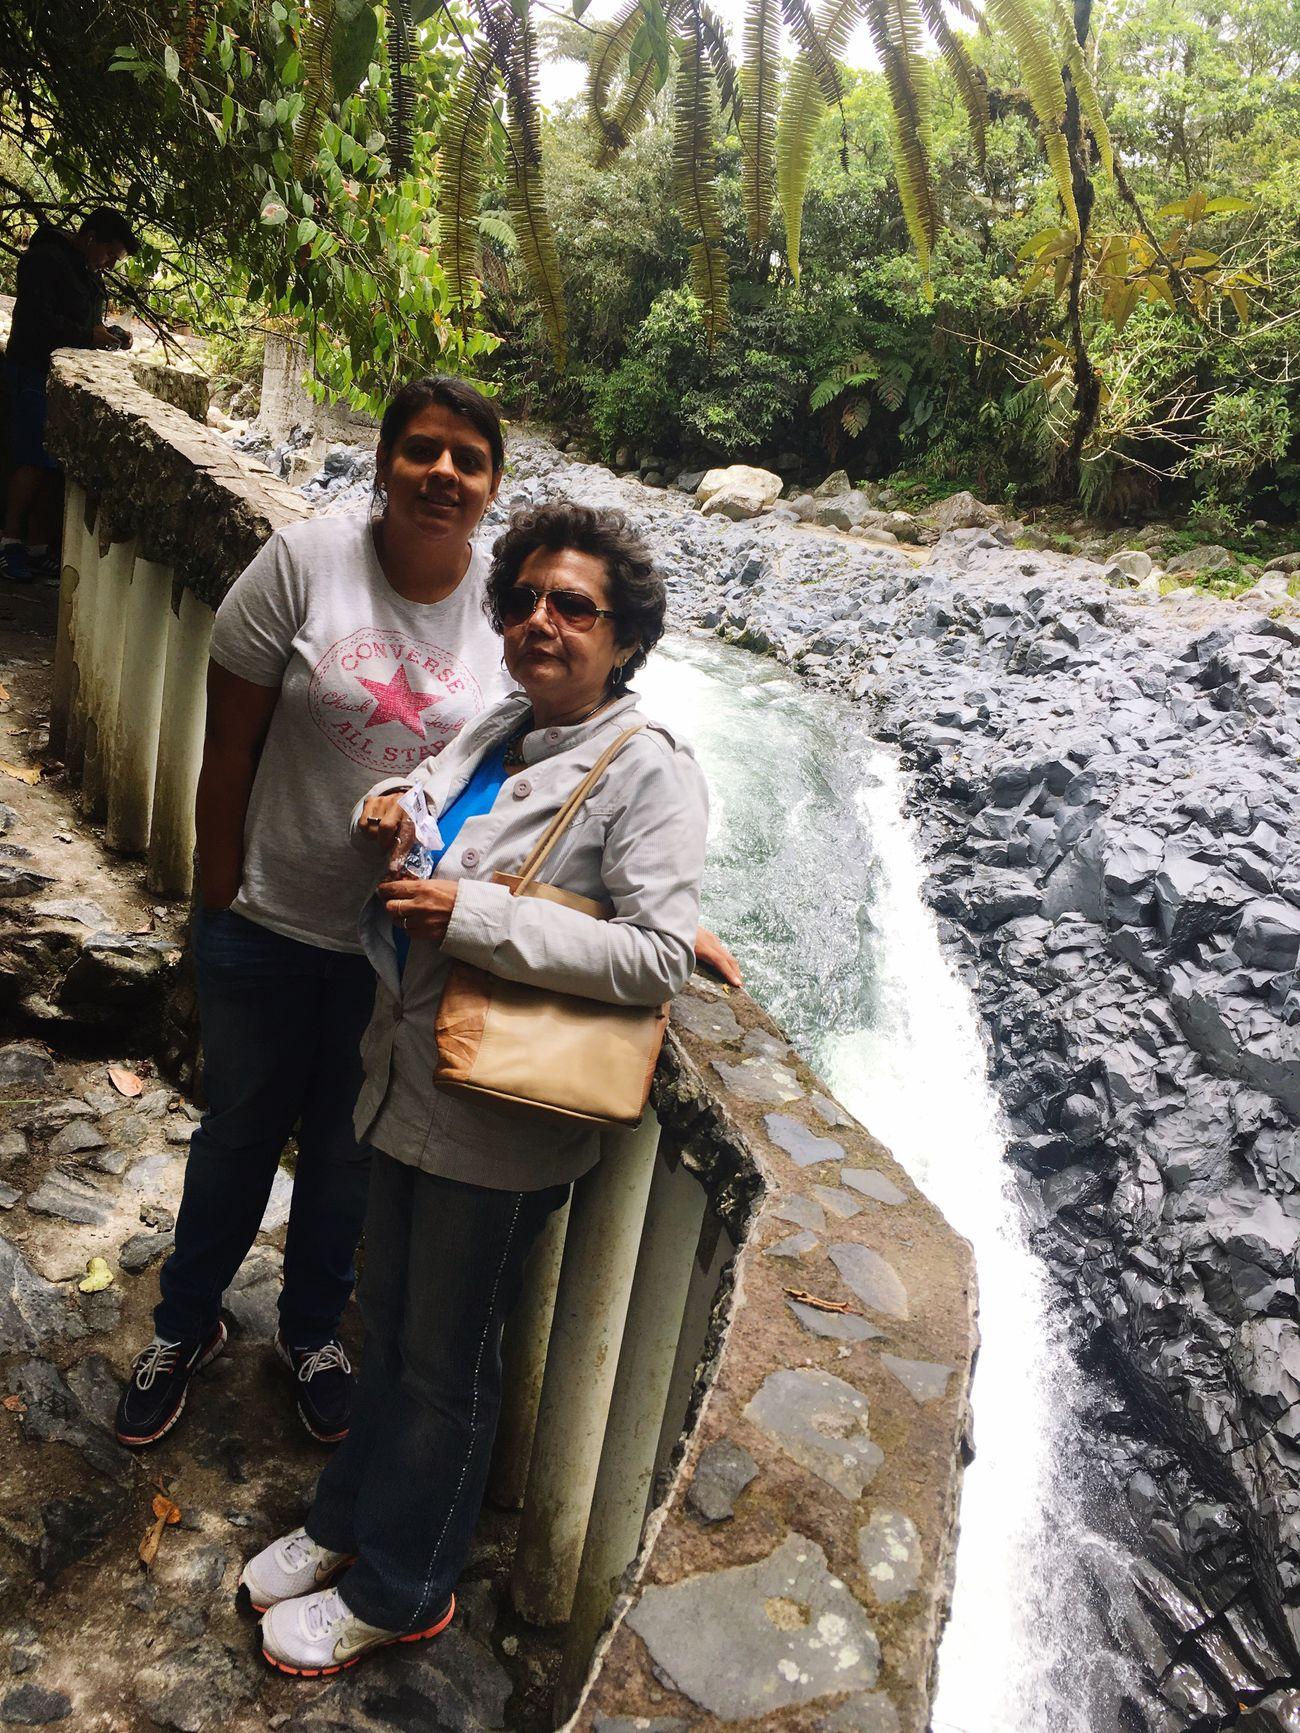 Mom BañosEcuador Pailondeldiablo